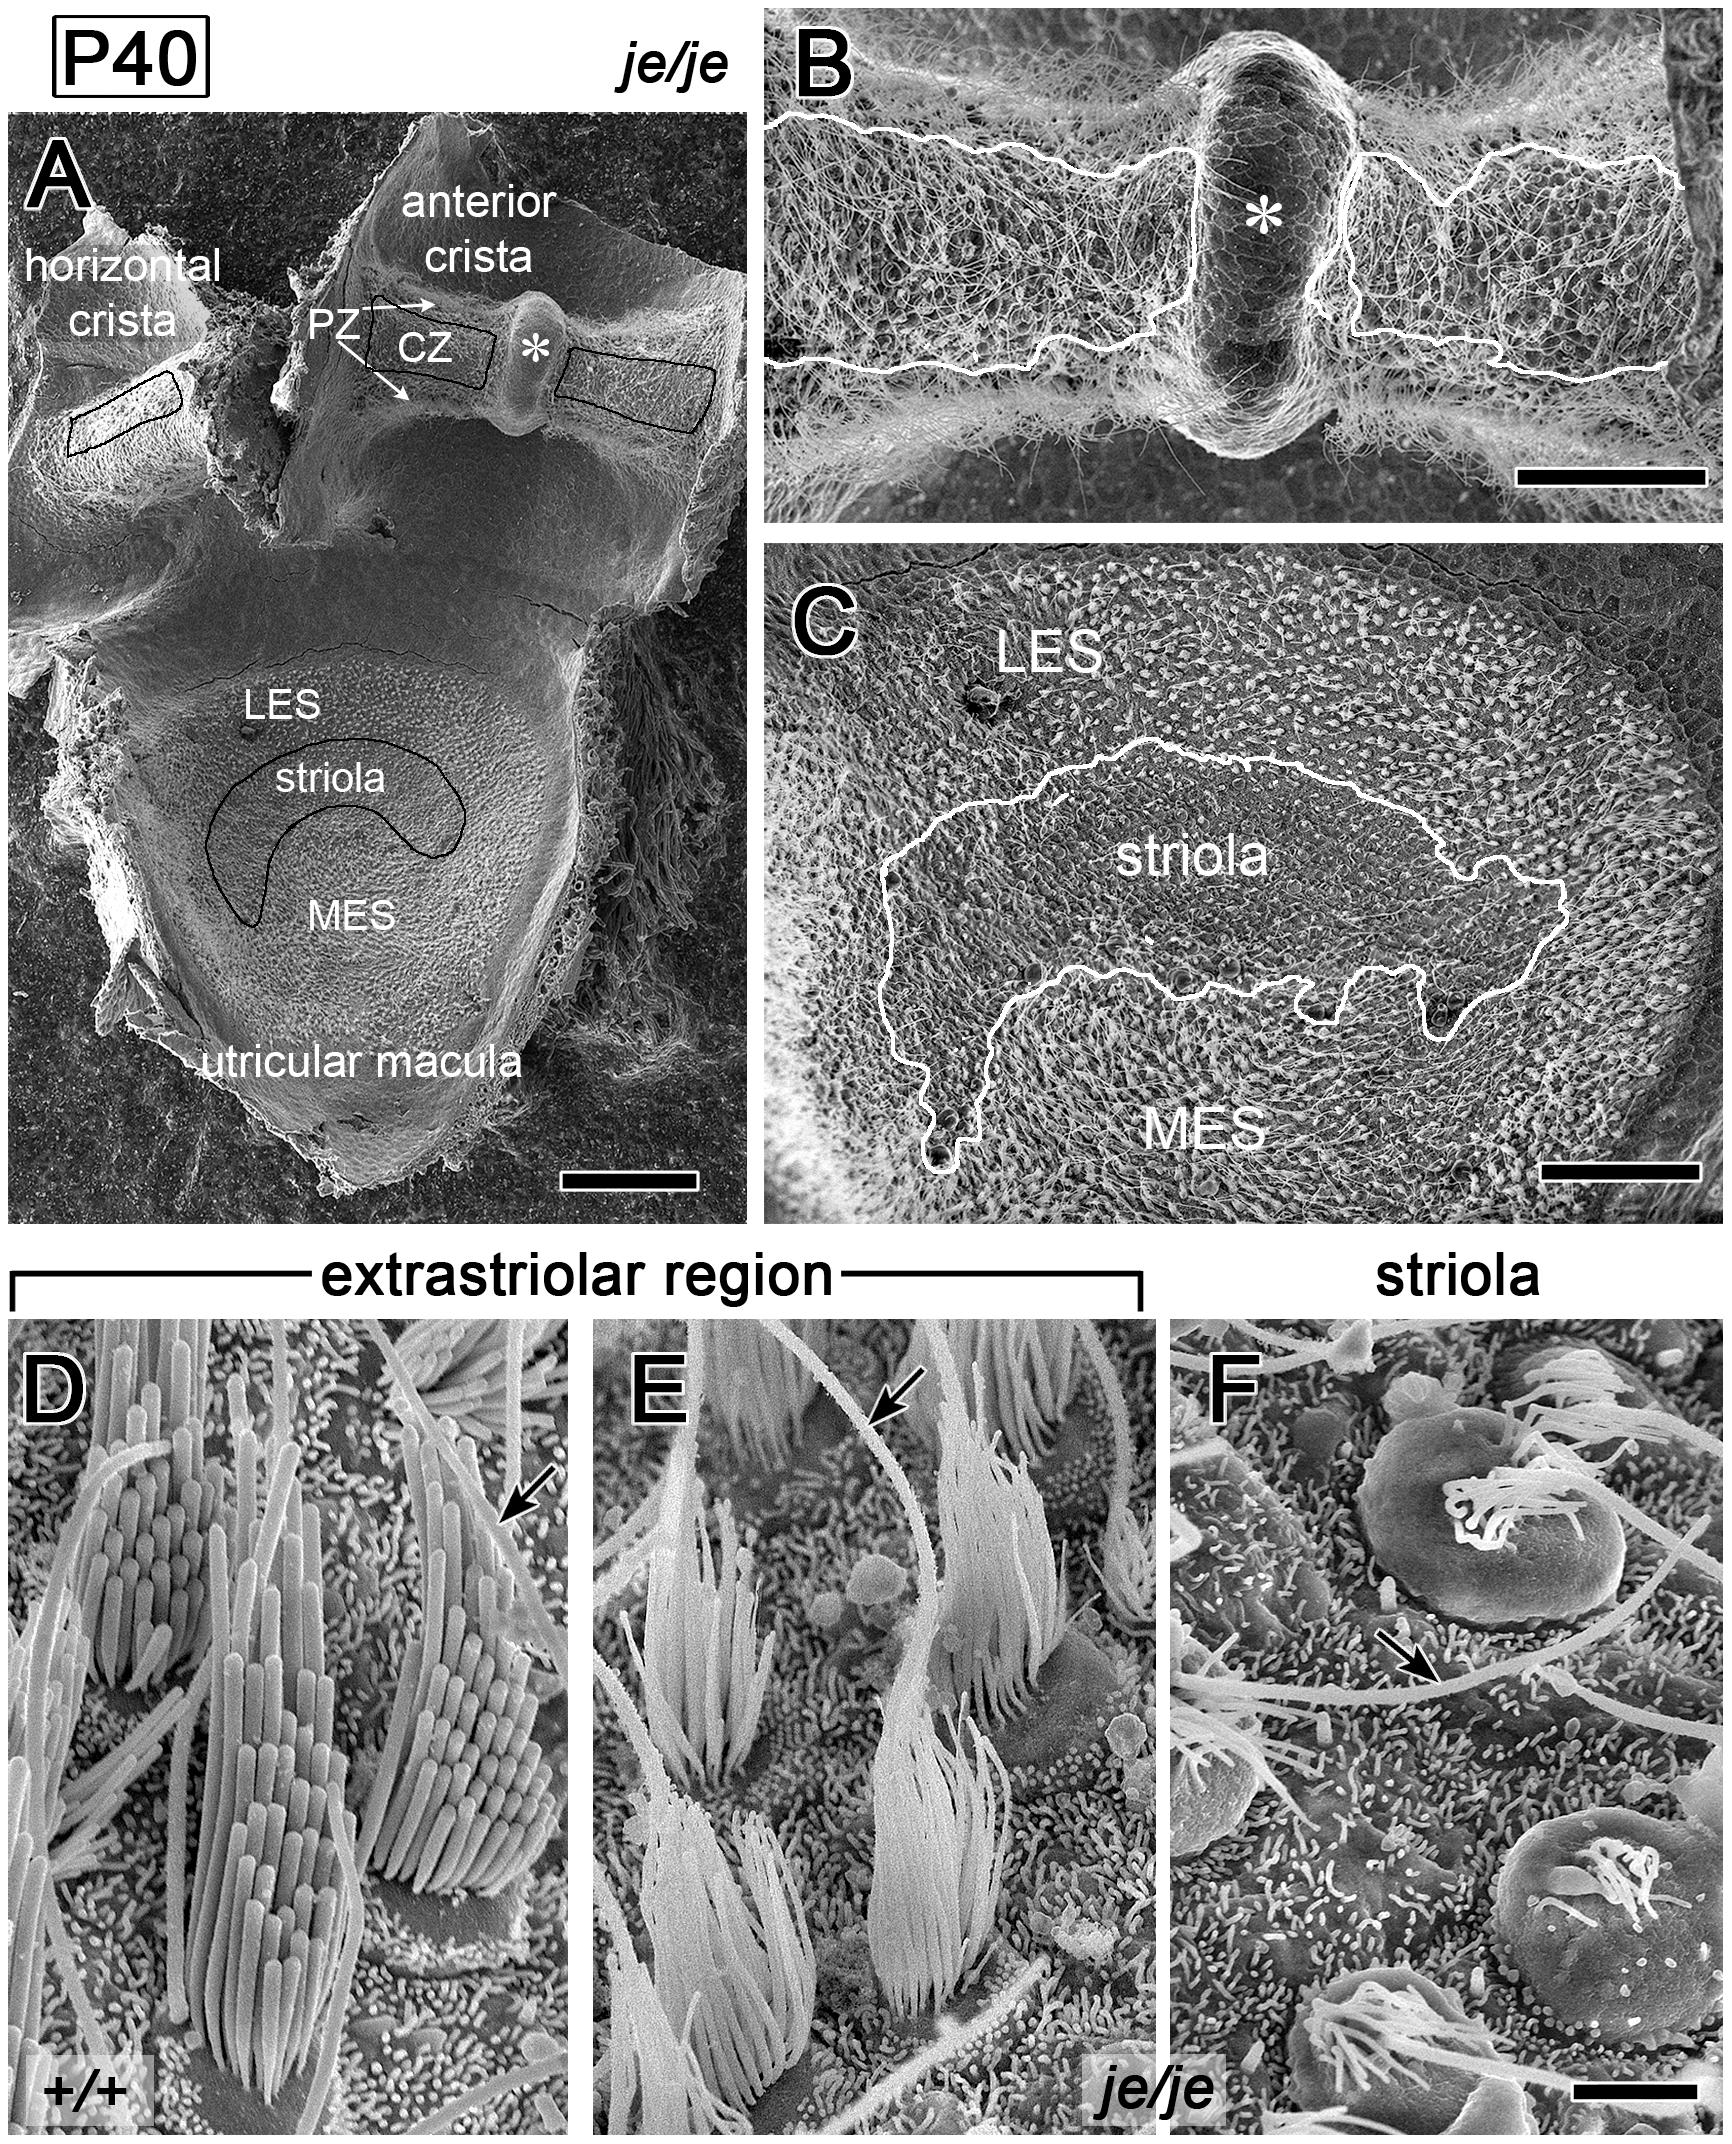 Regional differences in the fate of stereocilia on vestibular hair cells in <i>je/je</i> mice.